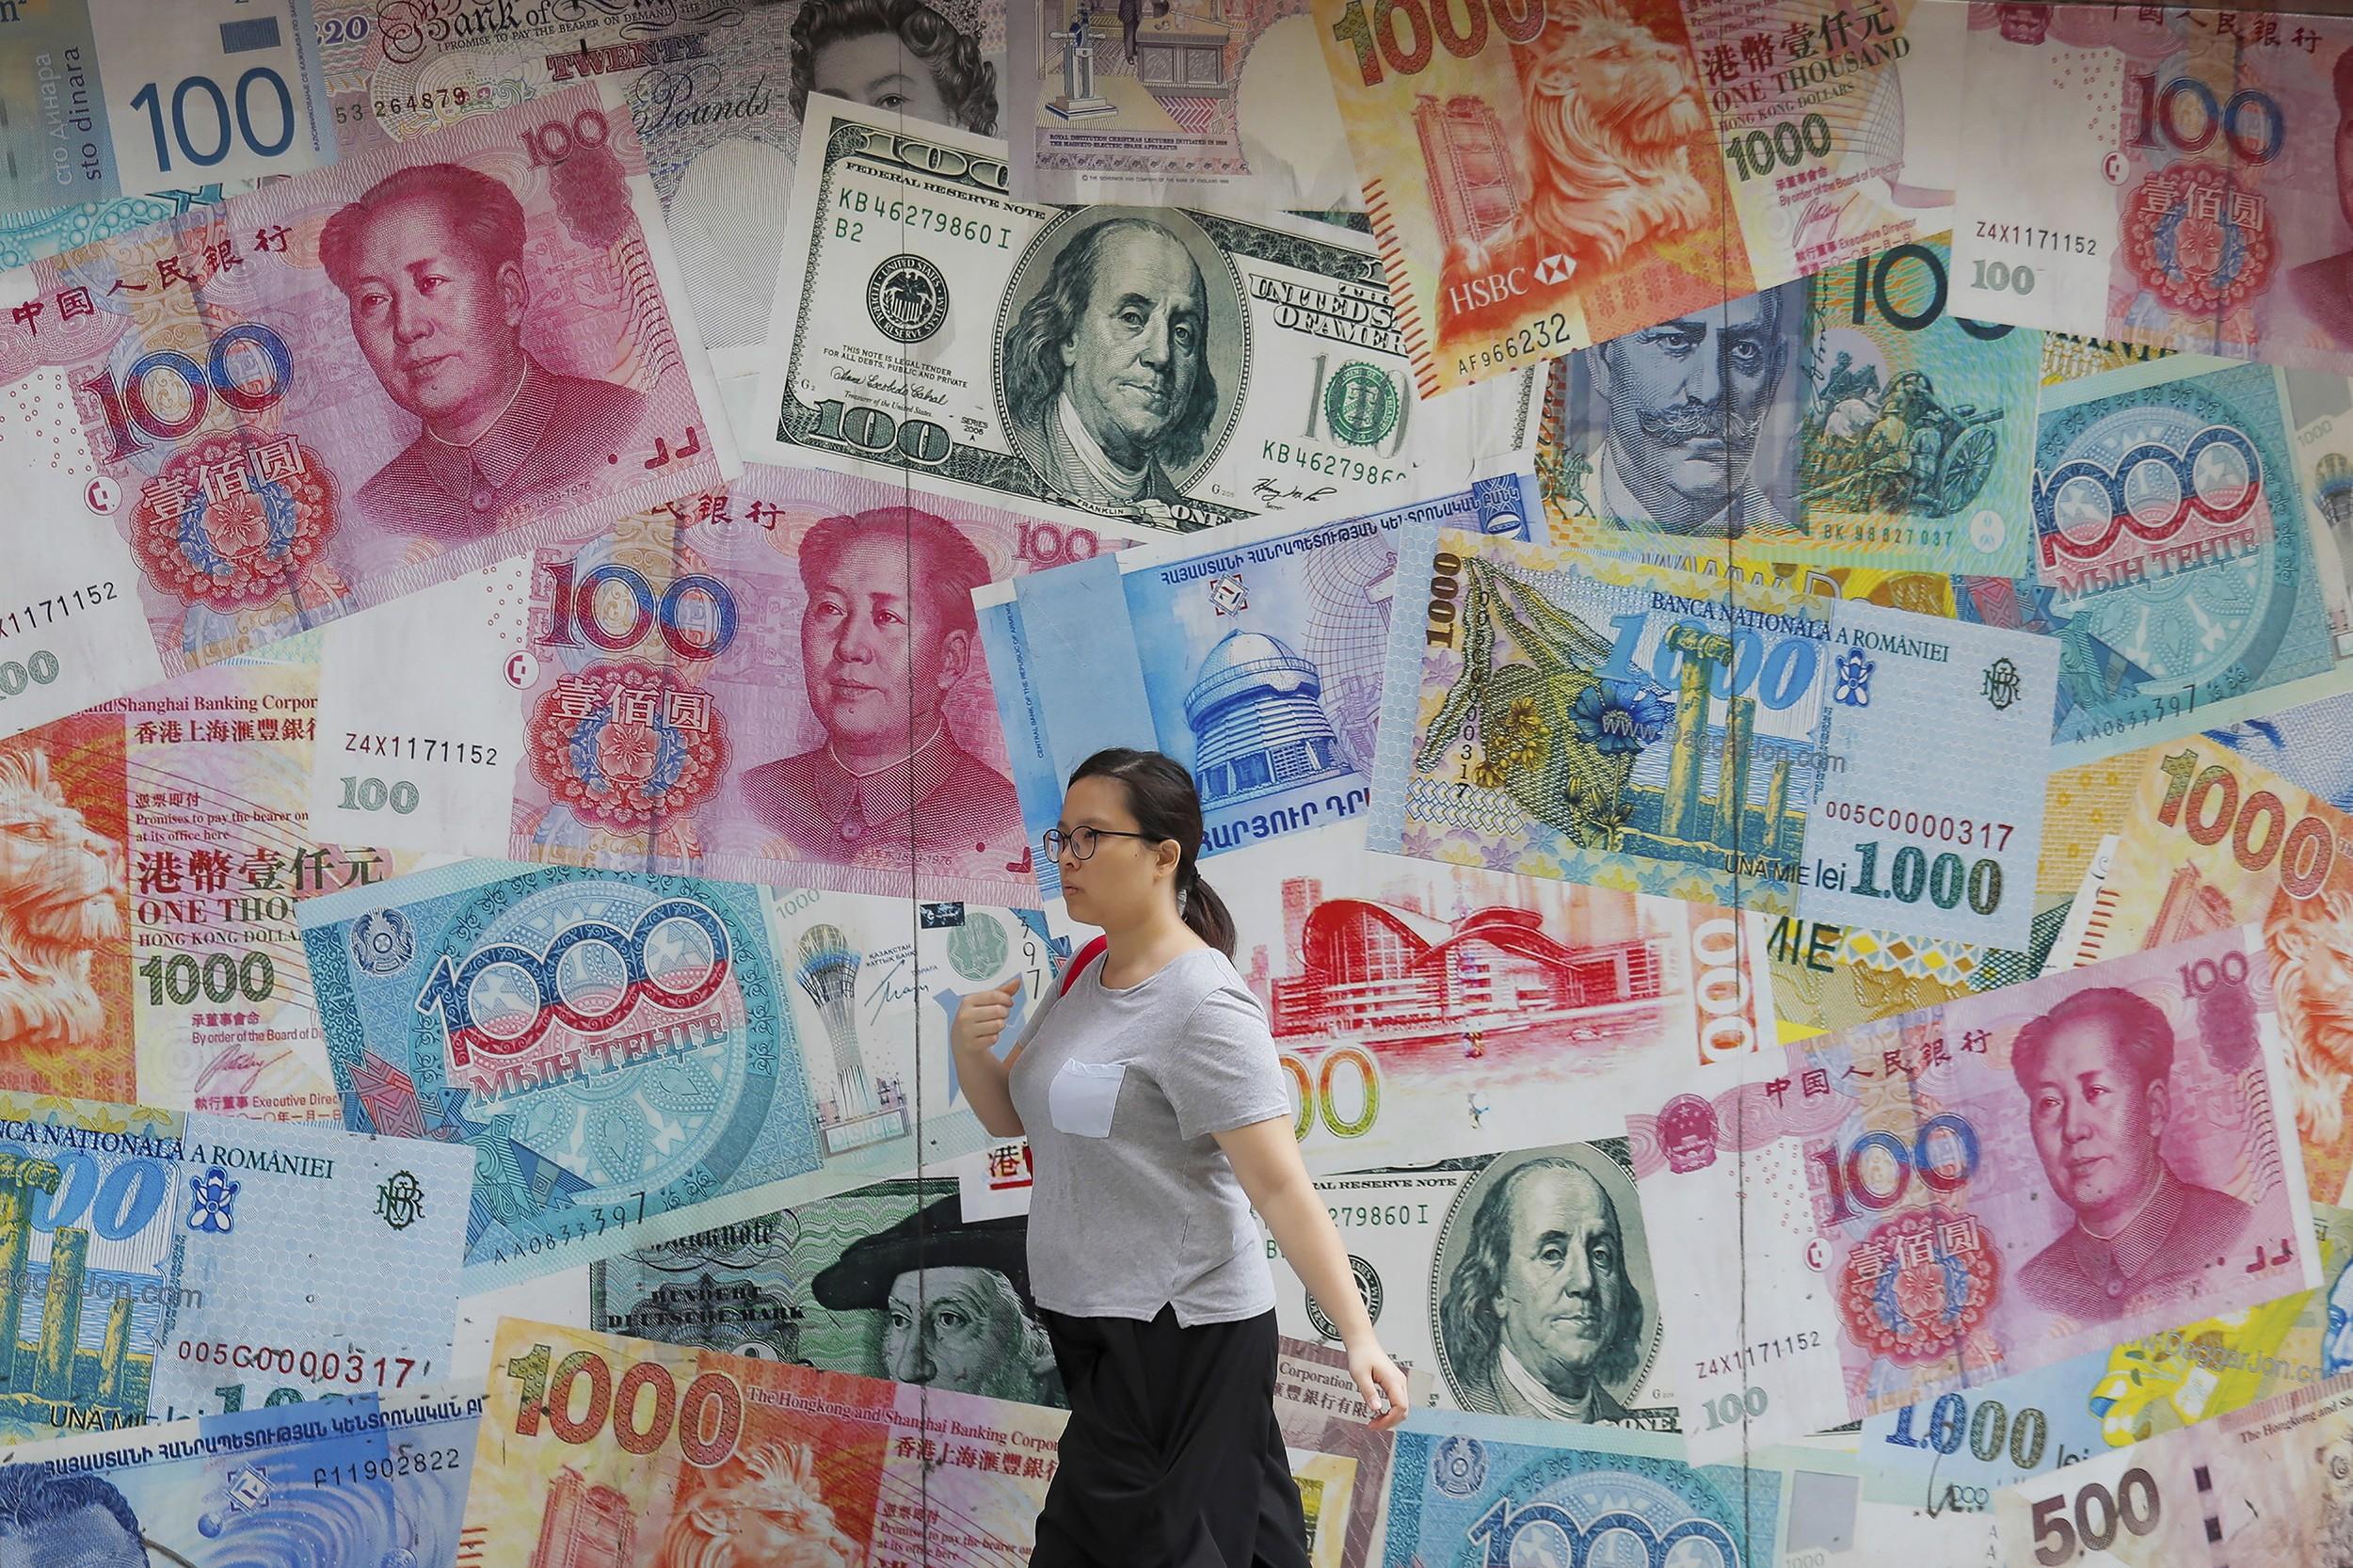 一名女子走过香港街头贴满人民币和美金的广告牌前。(美联社)